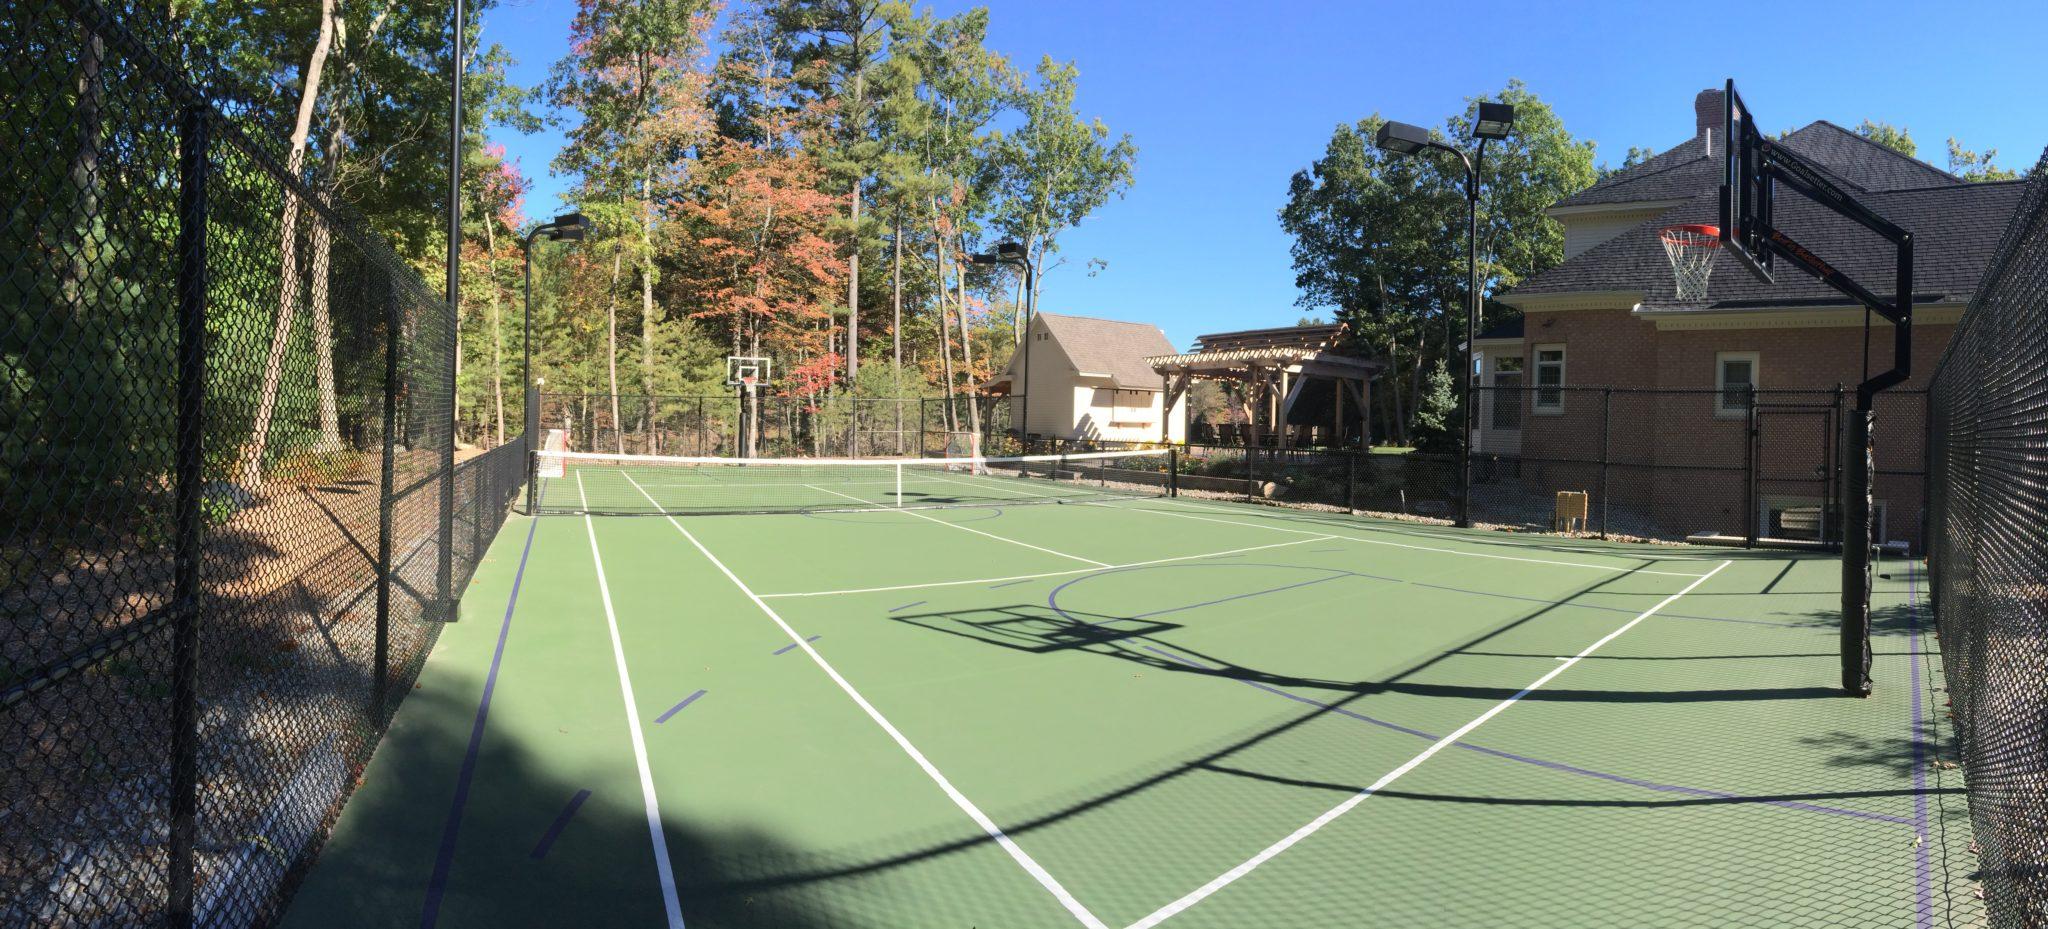 windham_sport_court